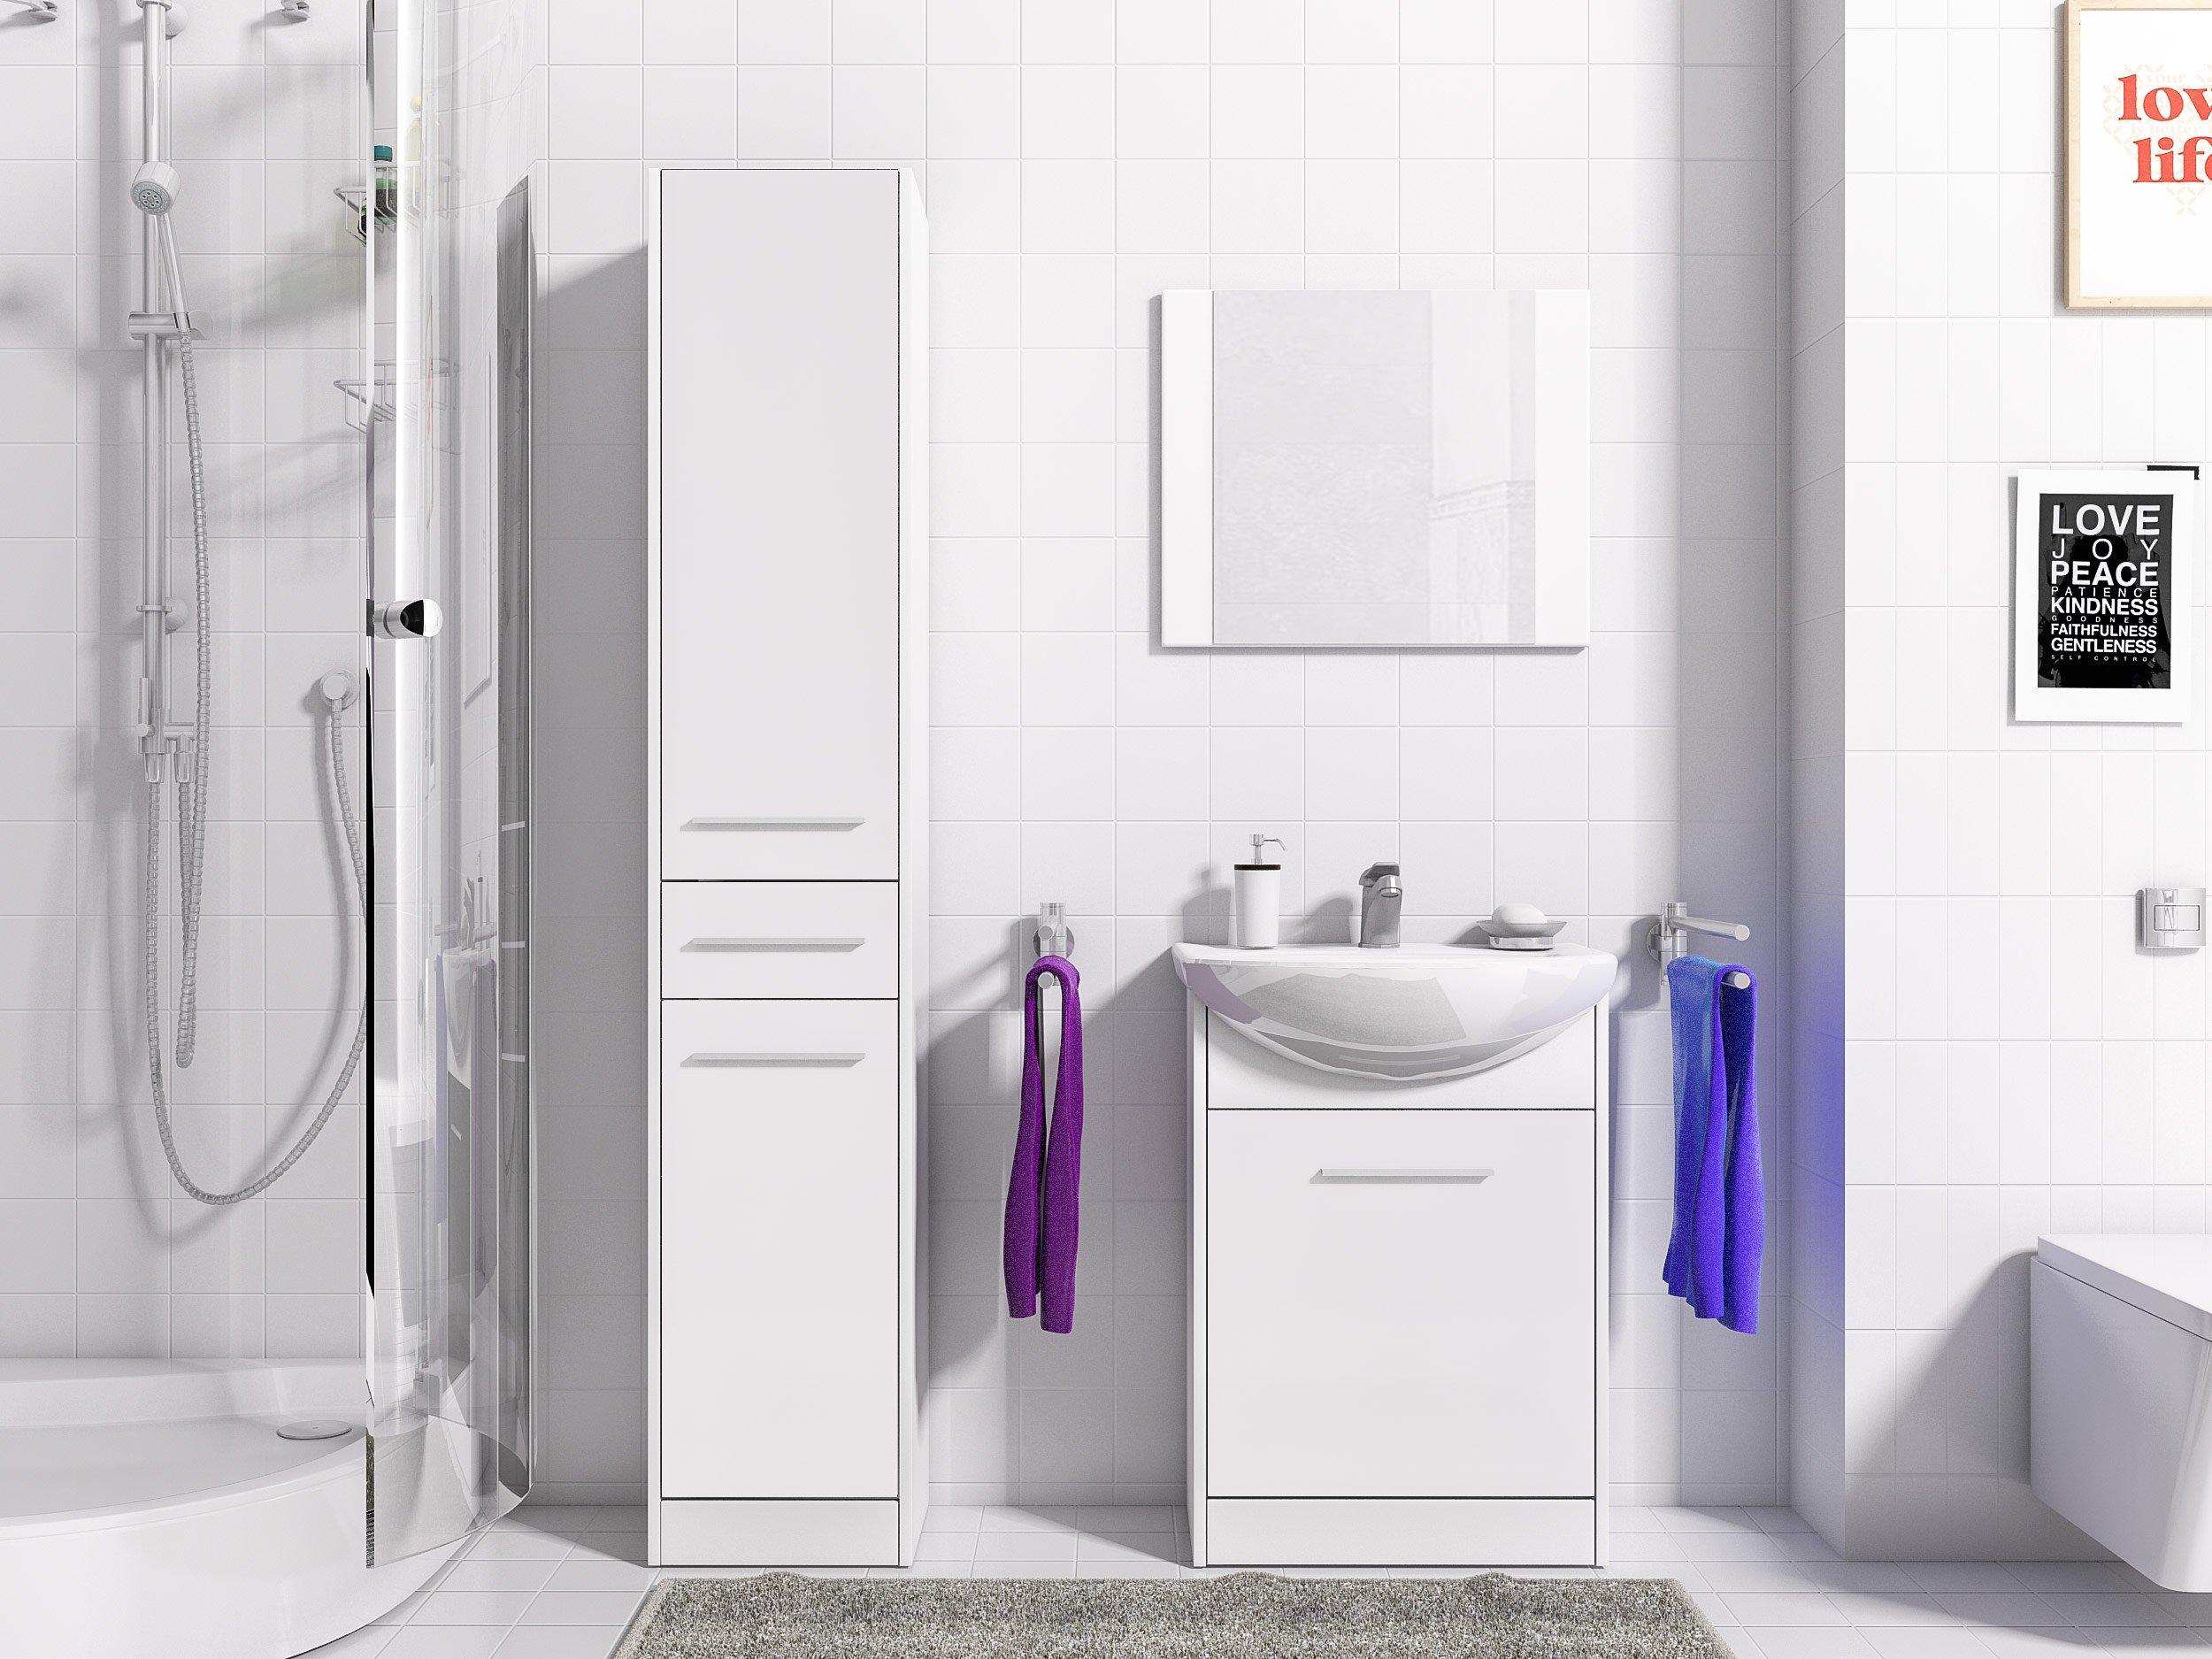 Nábytok pre kúpeľňa NICO DLHO 2 hit POĽSKÝ NÁBYTOK